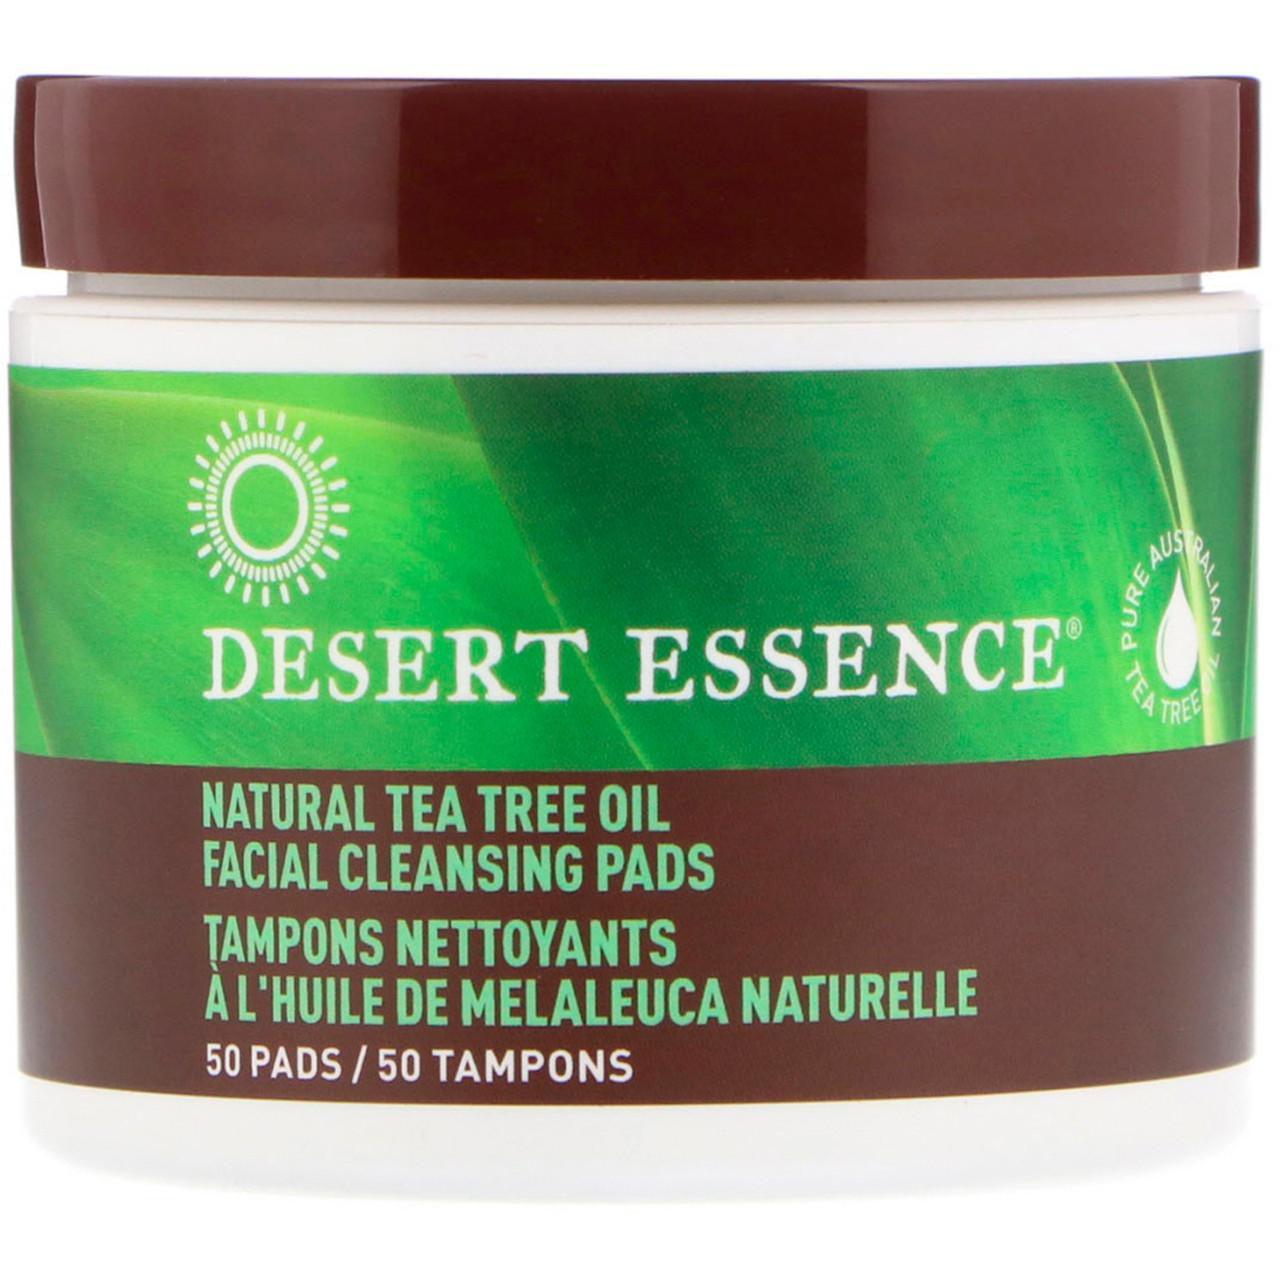 Desert Essence, Тампоны для очистки кожи лица с натуральным маслом чайного дерева, 50 тампонов